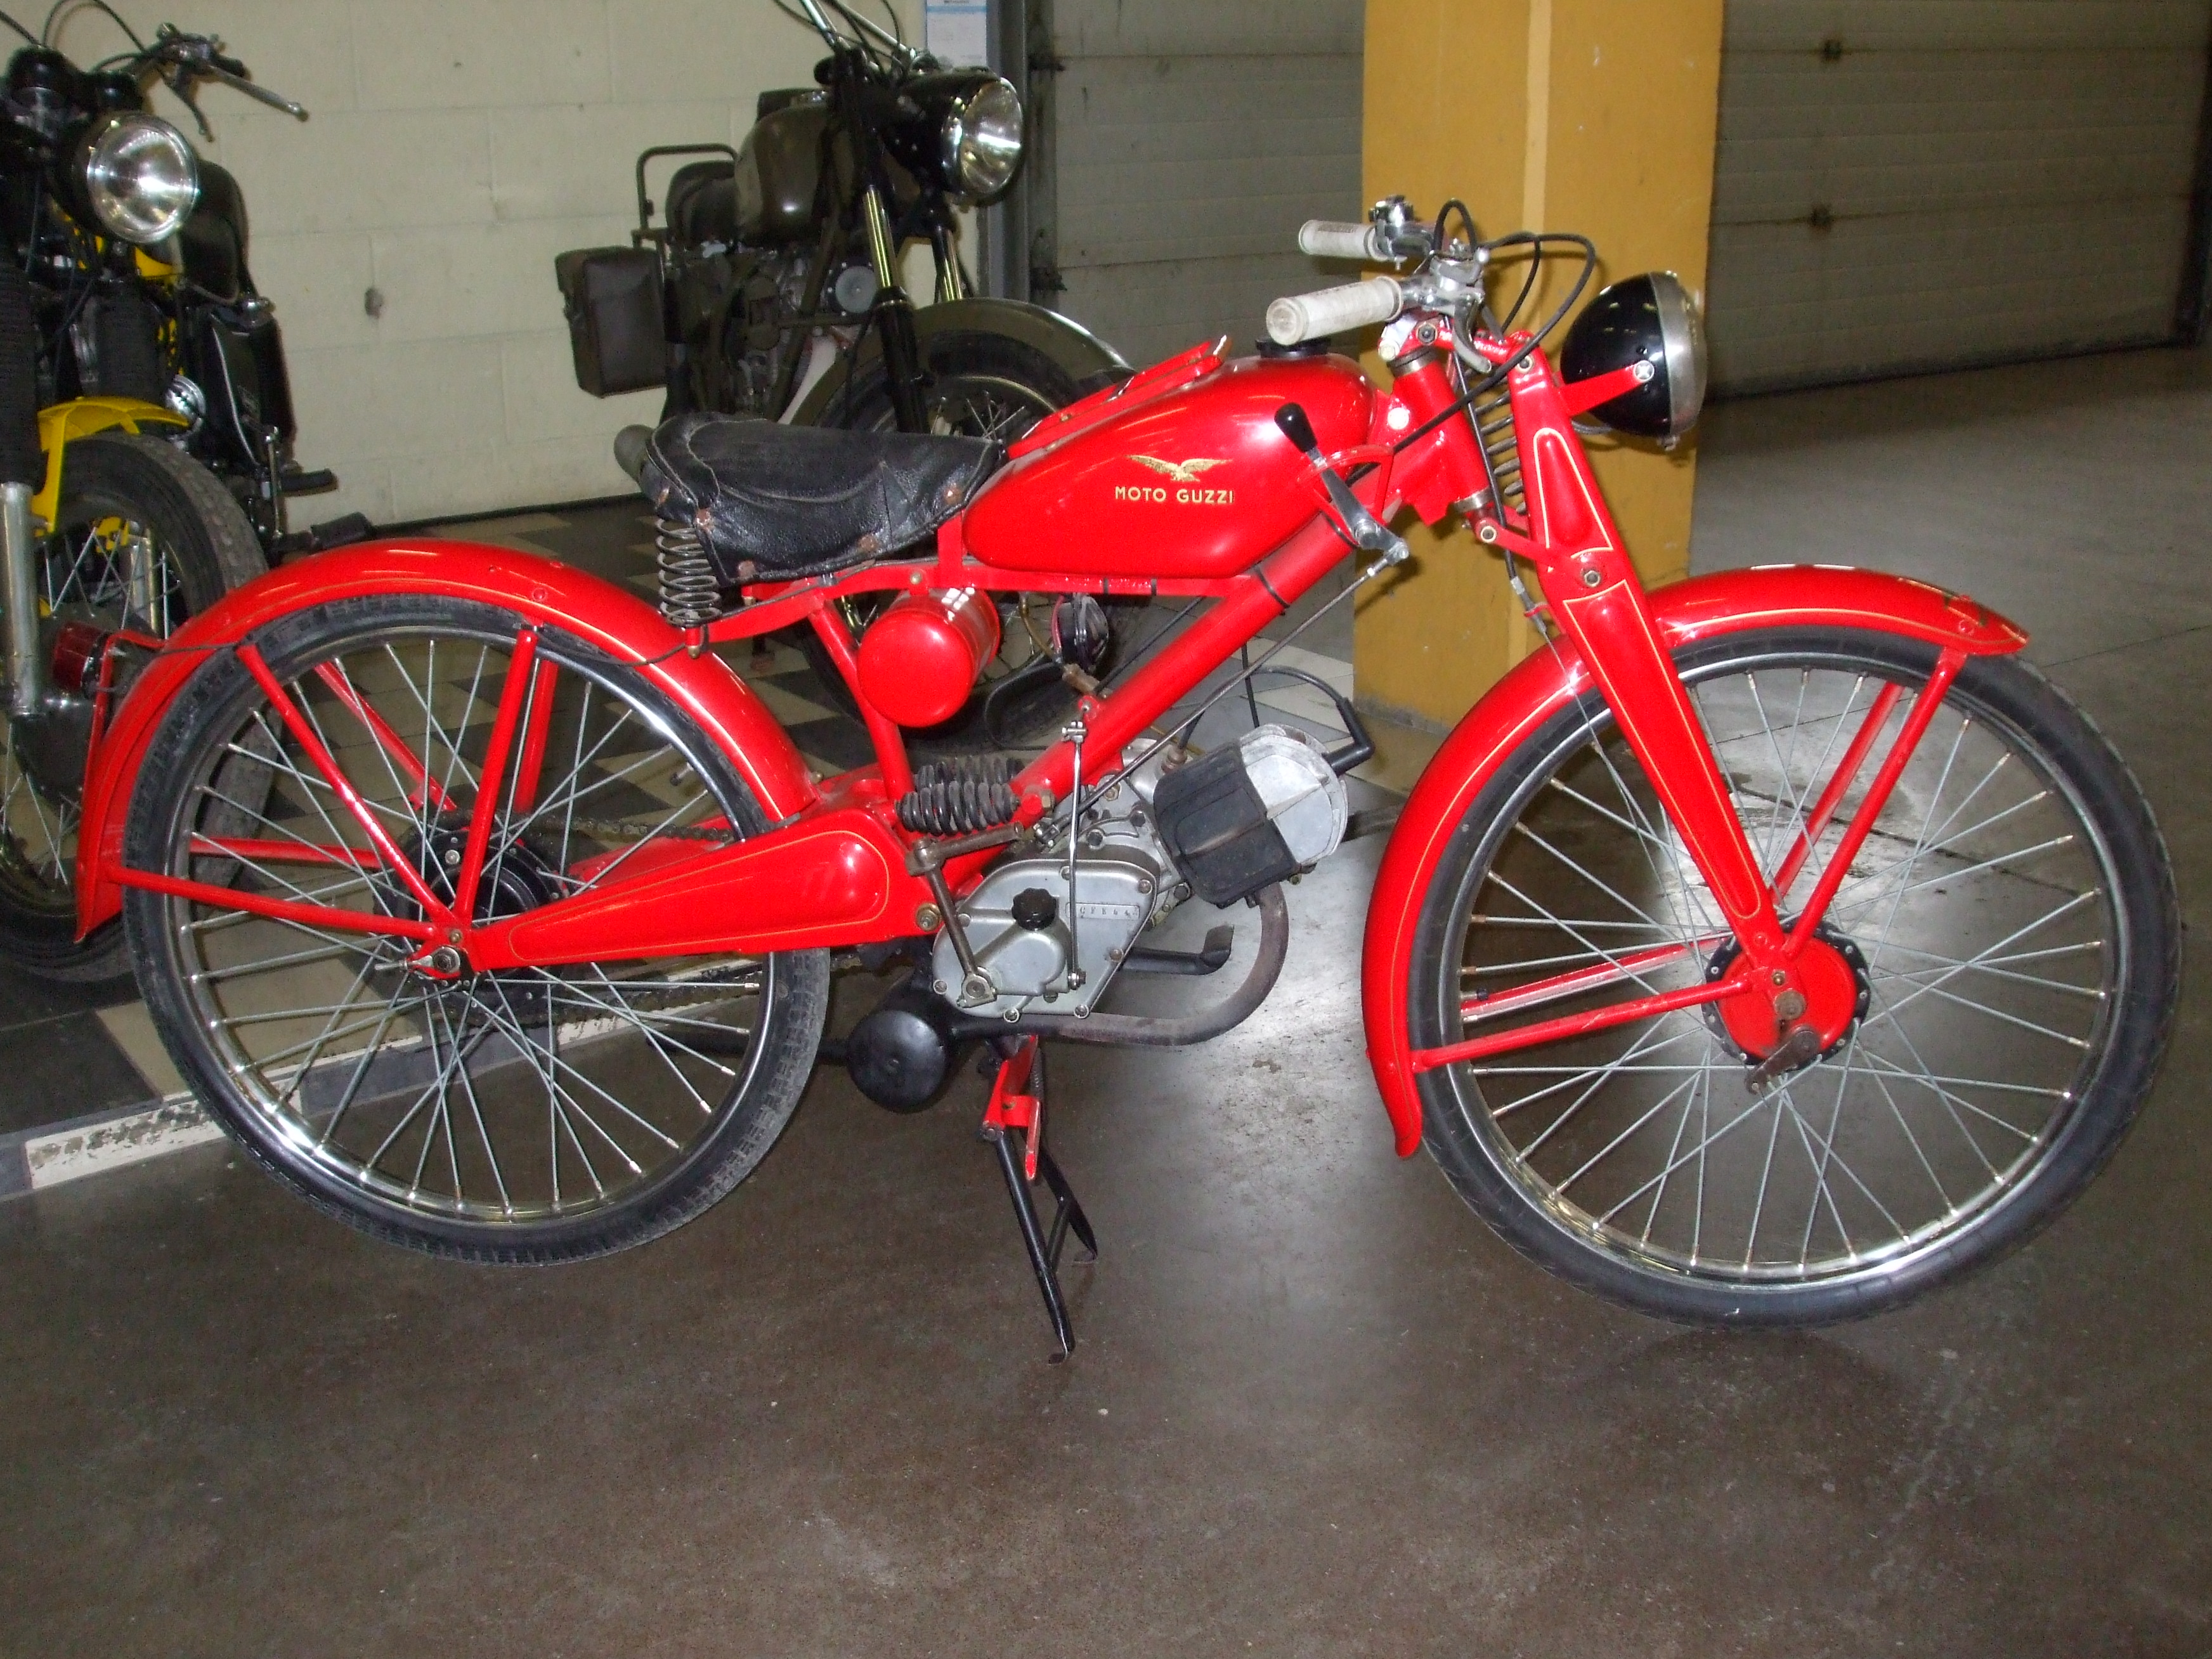 Moto Guzzi Cc Falcone